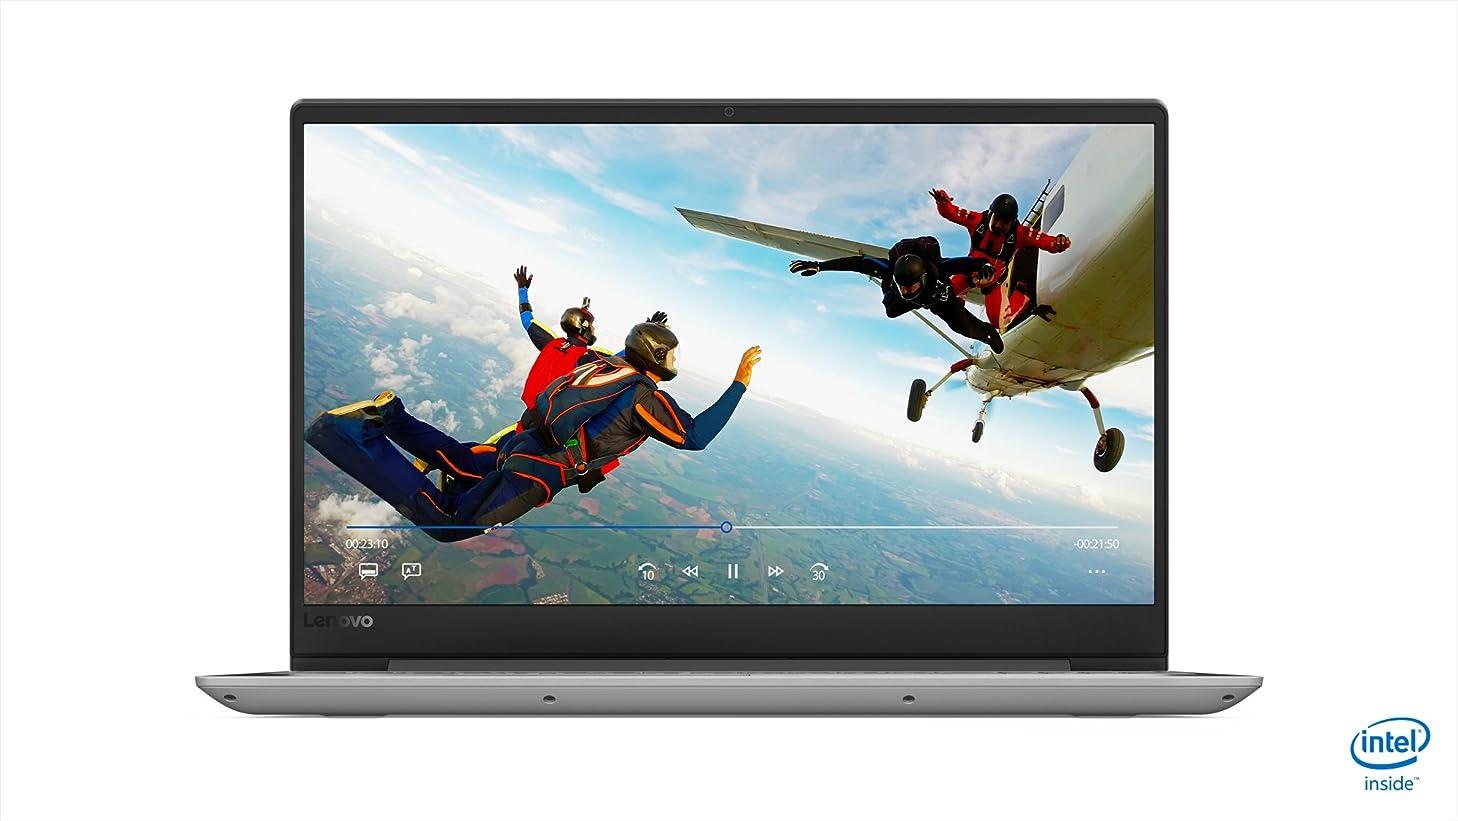 2019 Newest Preimum Flagship Lenovo Ideapad 330s 15.6 Inch HD Laptop (Intel Core i7-8550U, 1.8GHz up to 4.0GHz, 12GB DDR4 RAM, 1TB SSD, WiFi, Bluetooth, HDMI, Dolby Audio, Windows 10) (Grey)